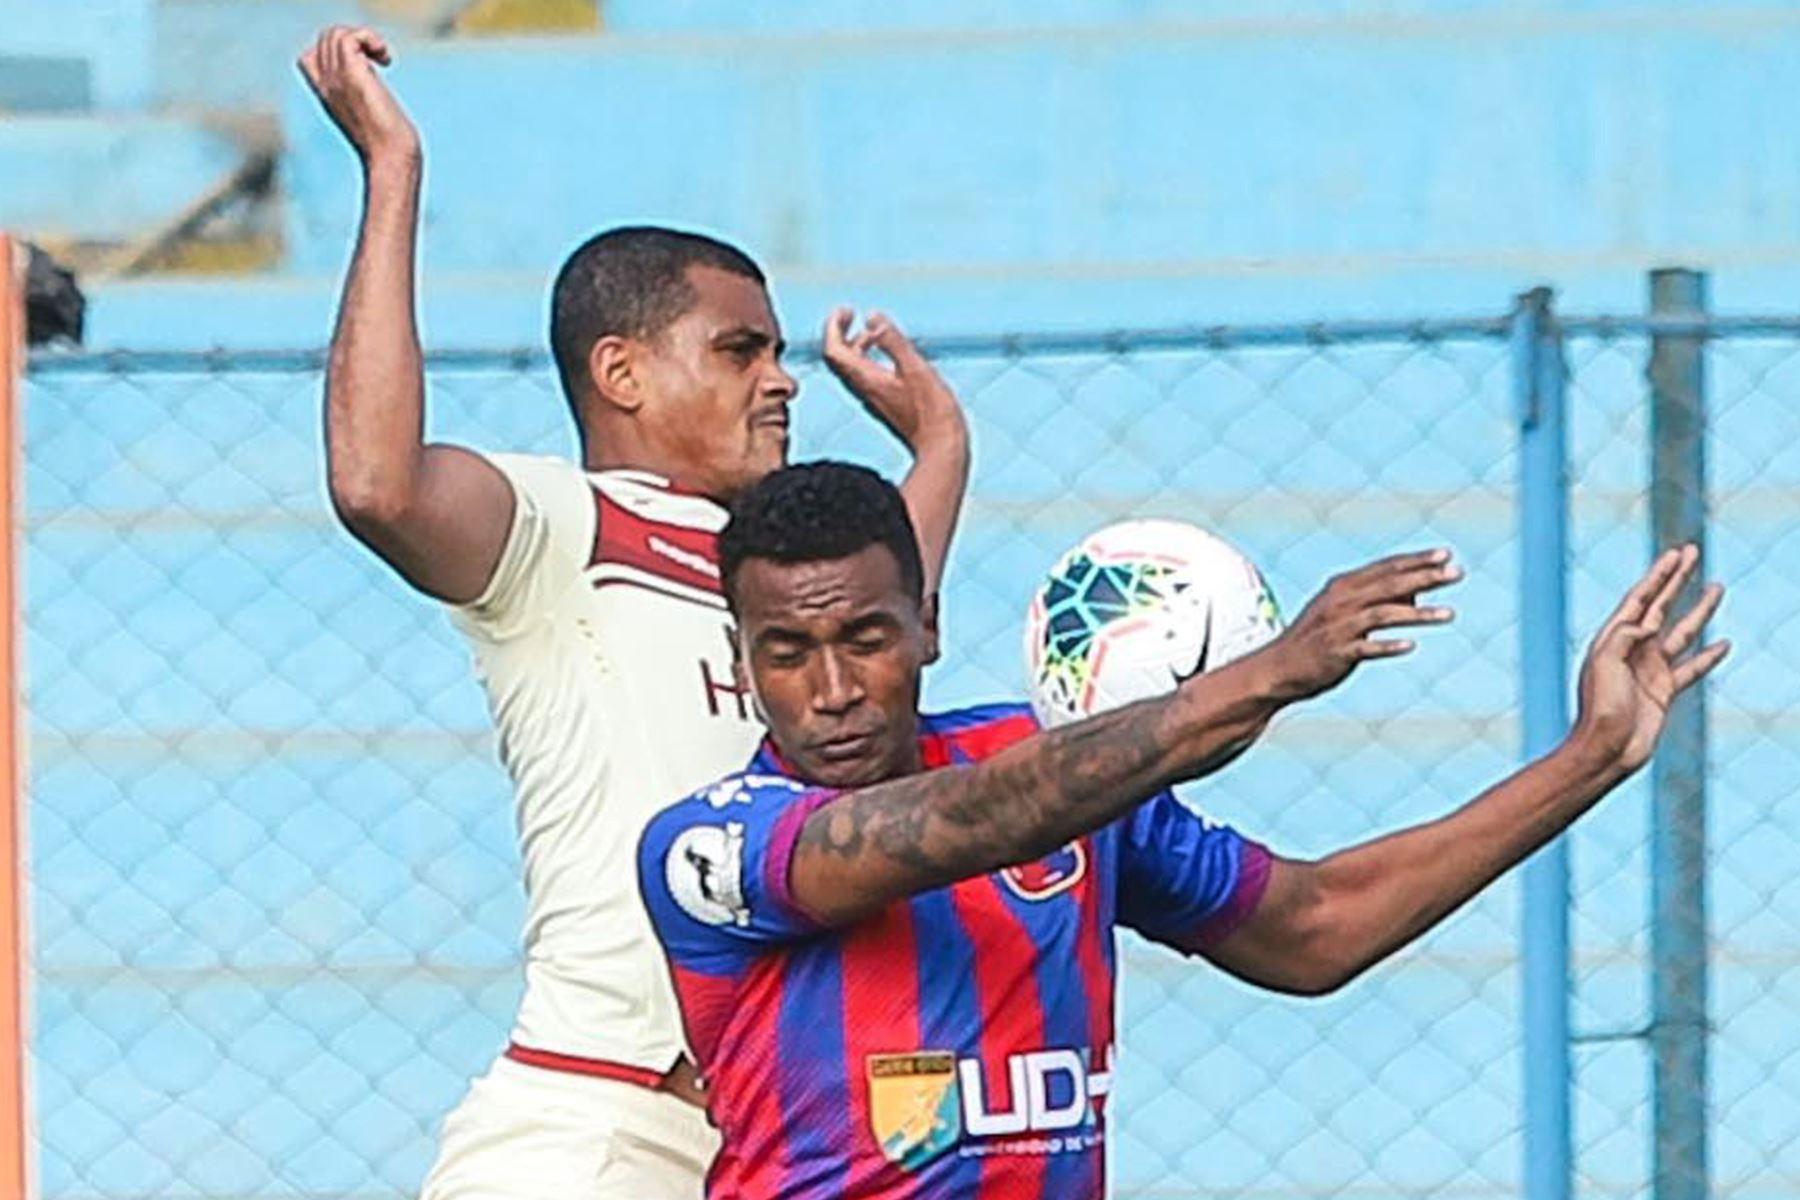 El futbolista Nelinho Quina de Universitario de Deportes disputa el balón ante el jugador del club Alianza UDH durante el partido de la fecha 12 de la Liga 1 en el estadio Alberto Gallardo. F oto: @LigaFutProf